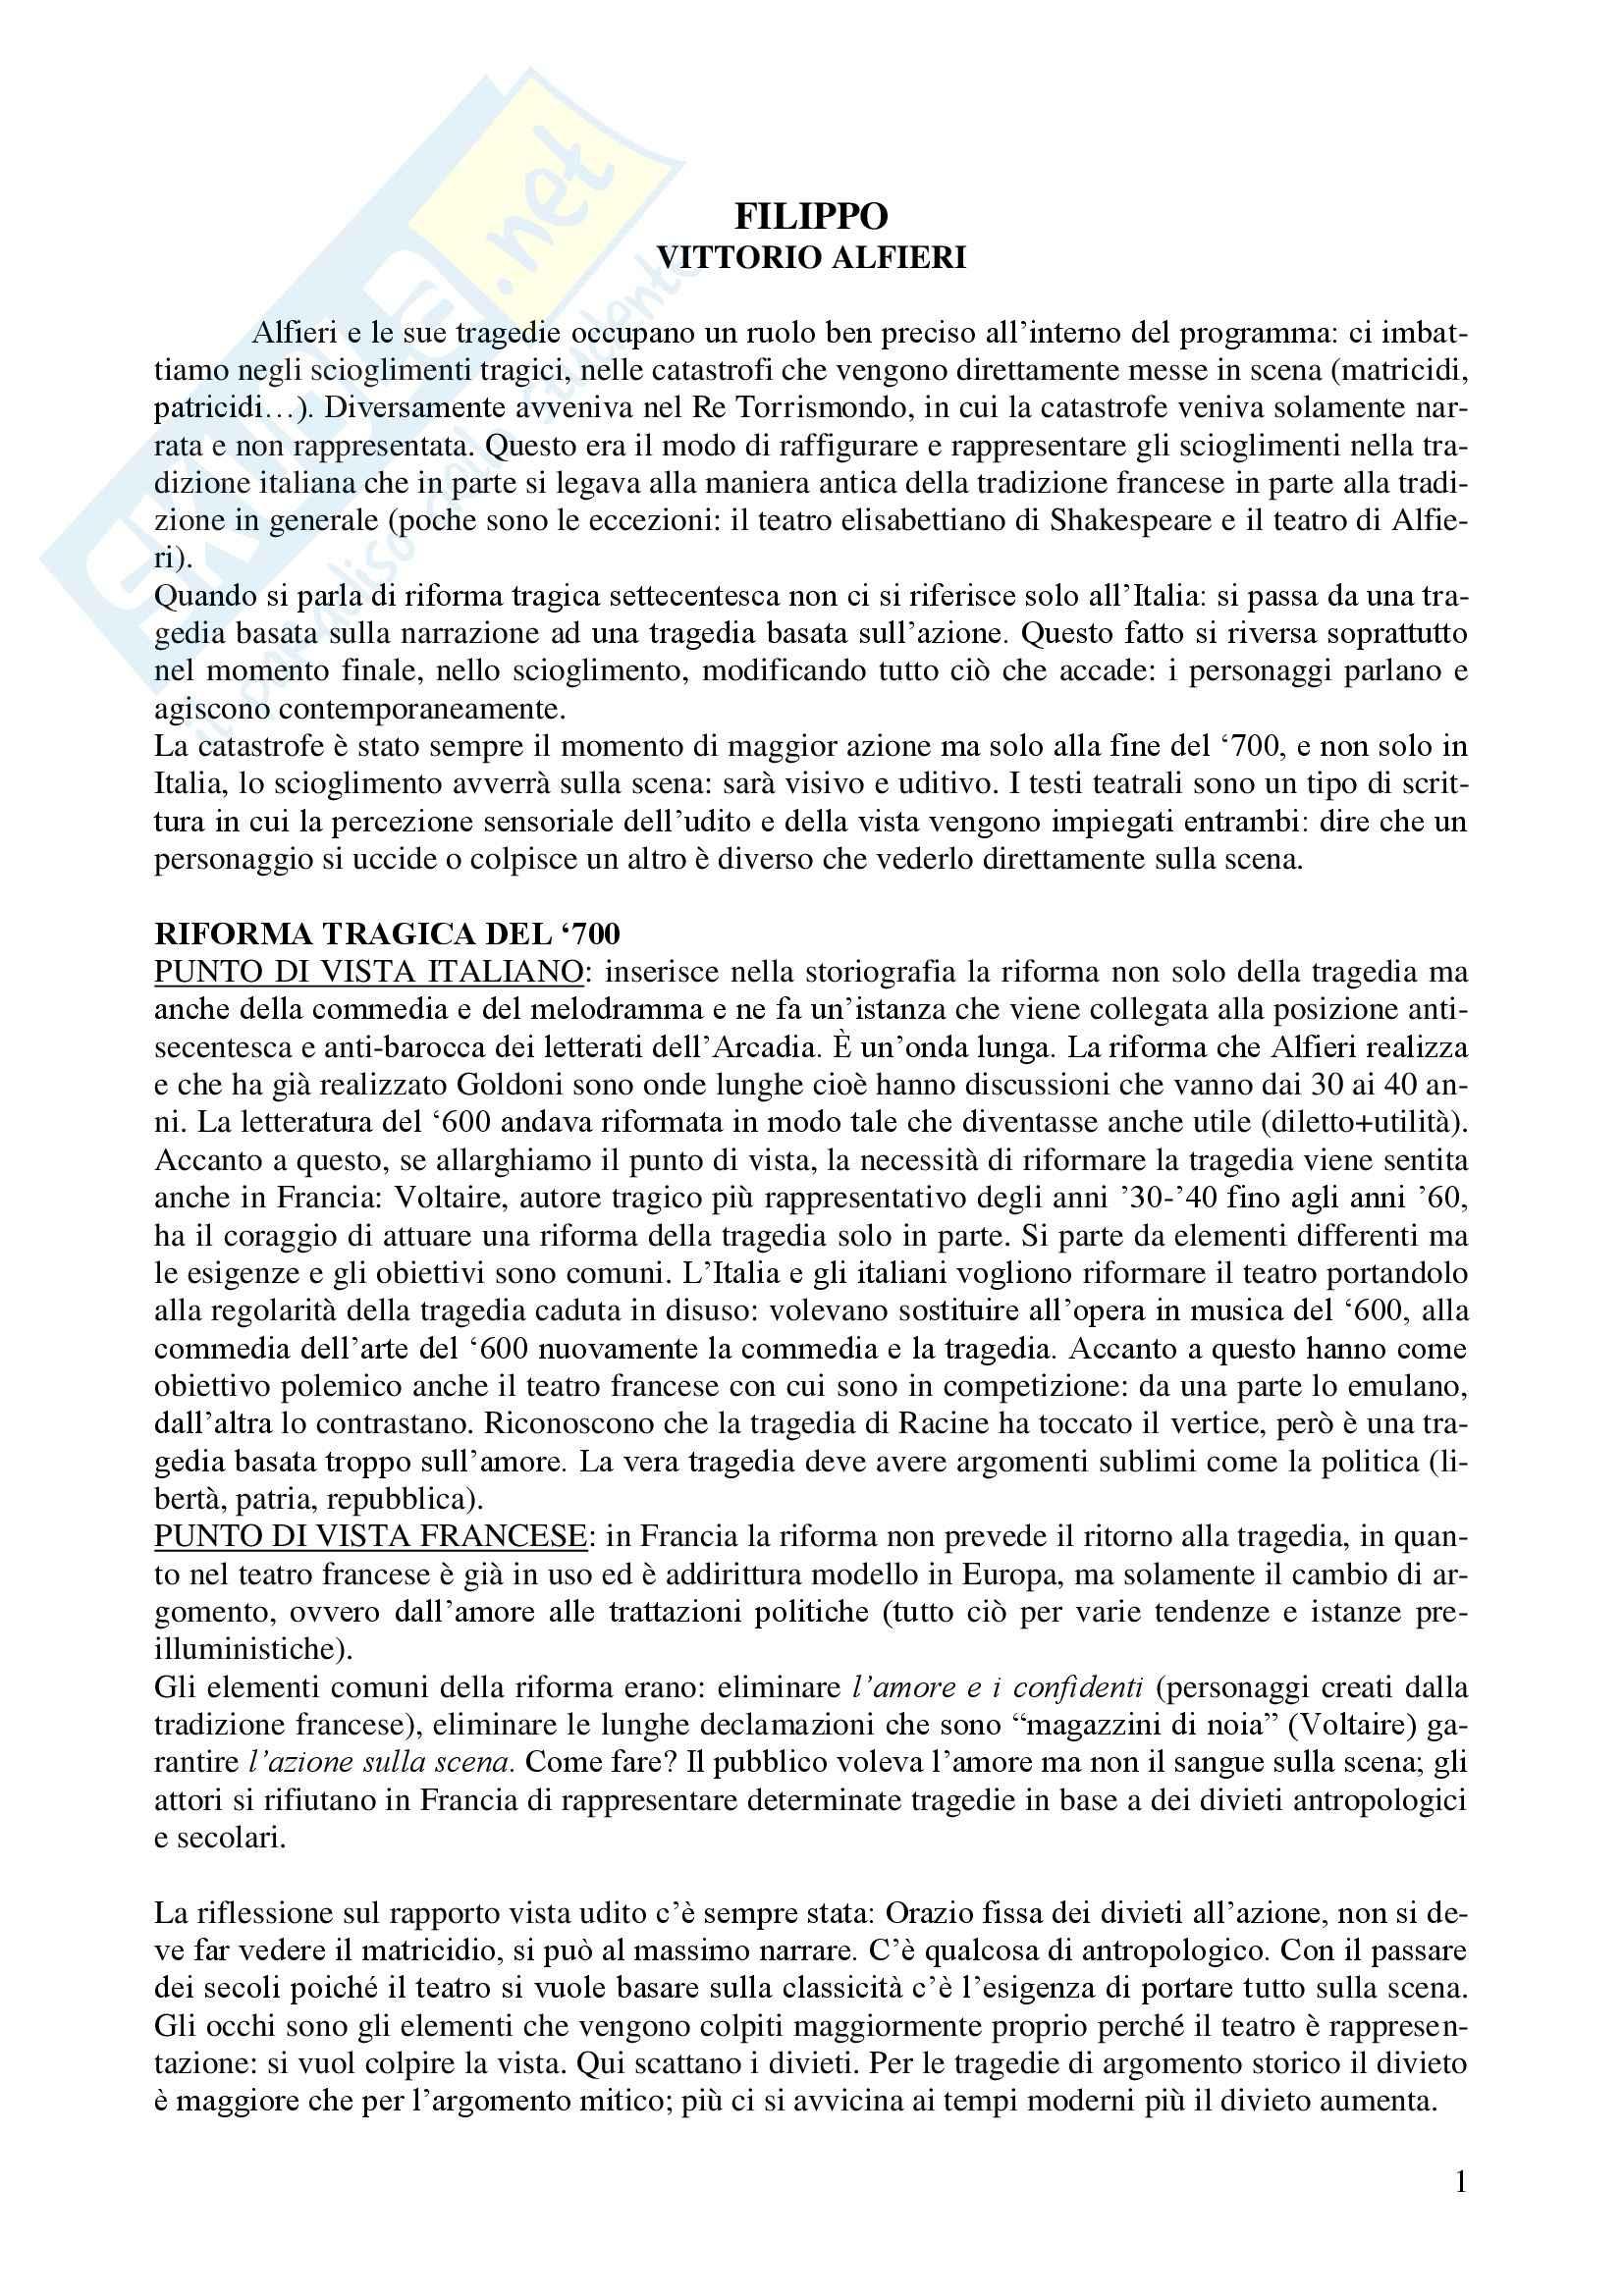 Letteratura teatrale italiana - Filippo